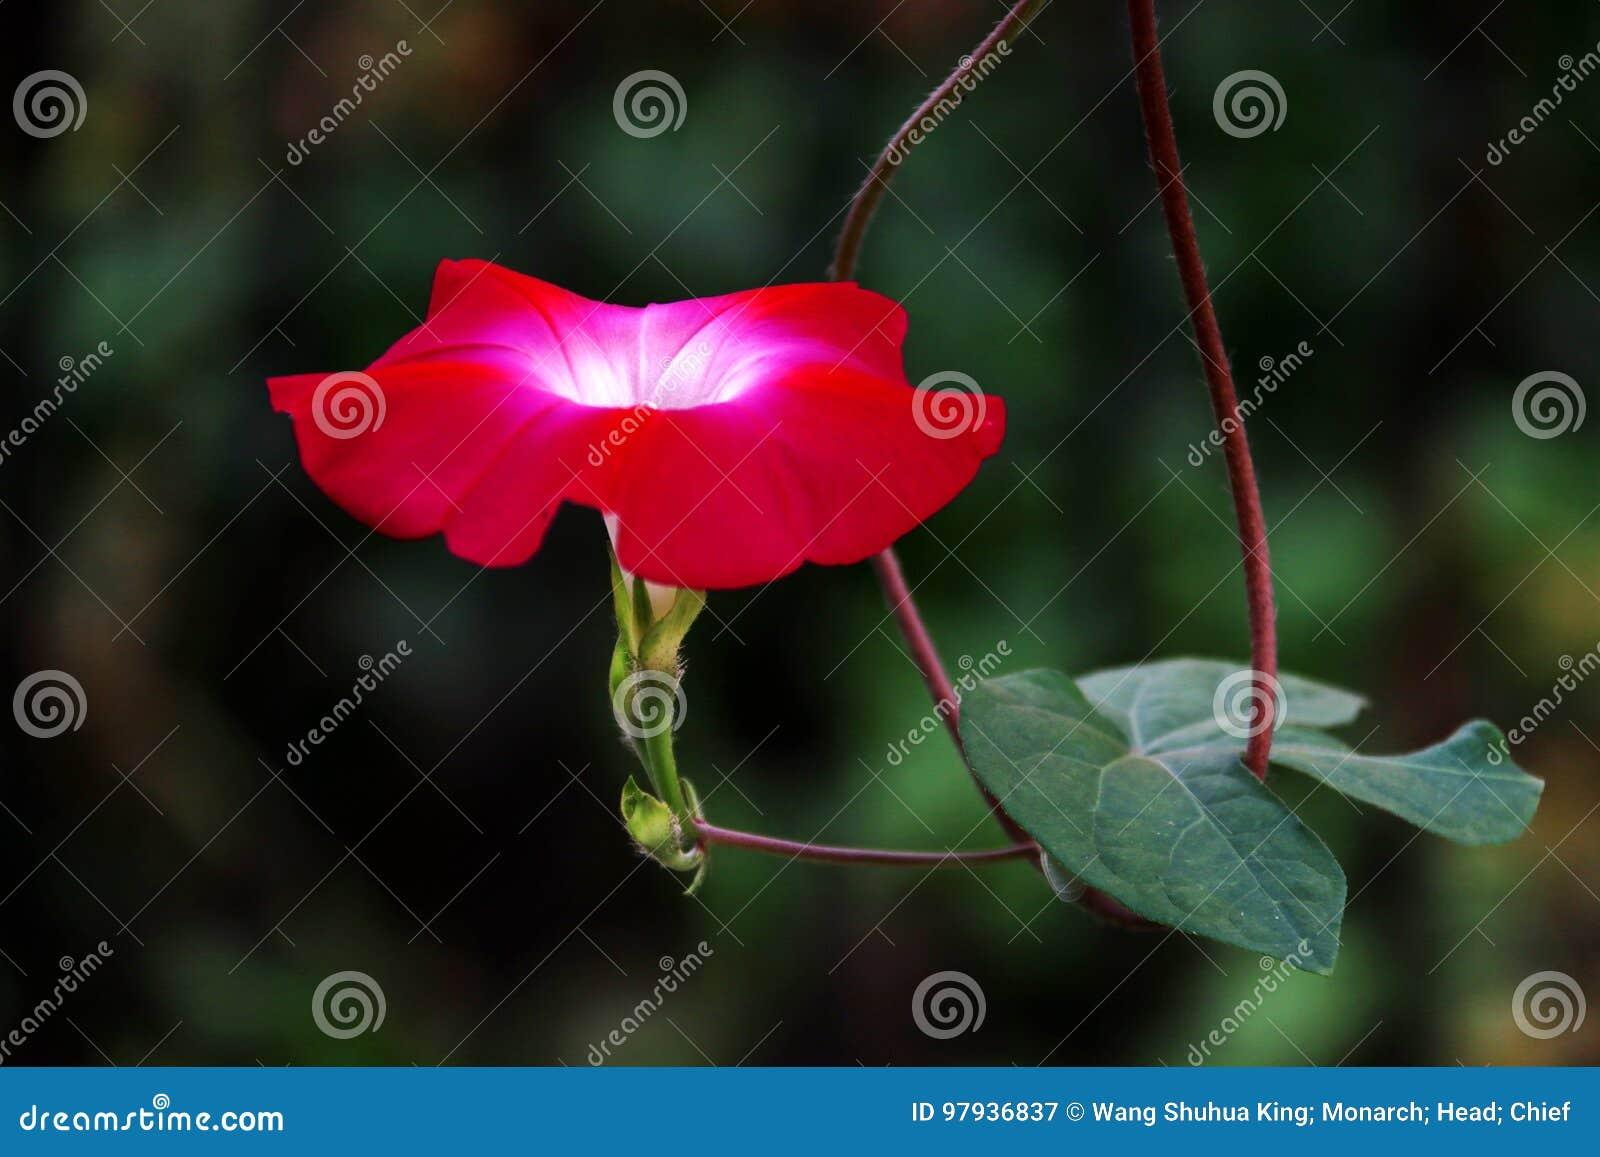 Flower Stock Image Image Of Flower Asia Floating Duckweed 97936837